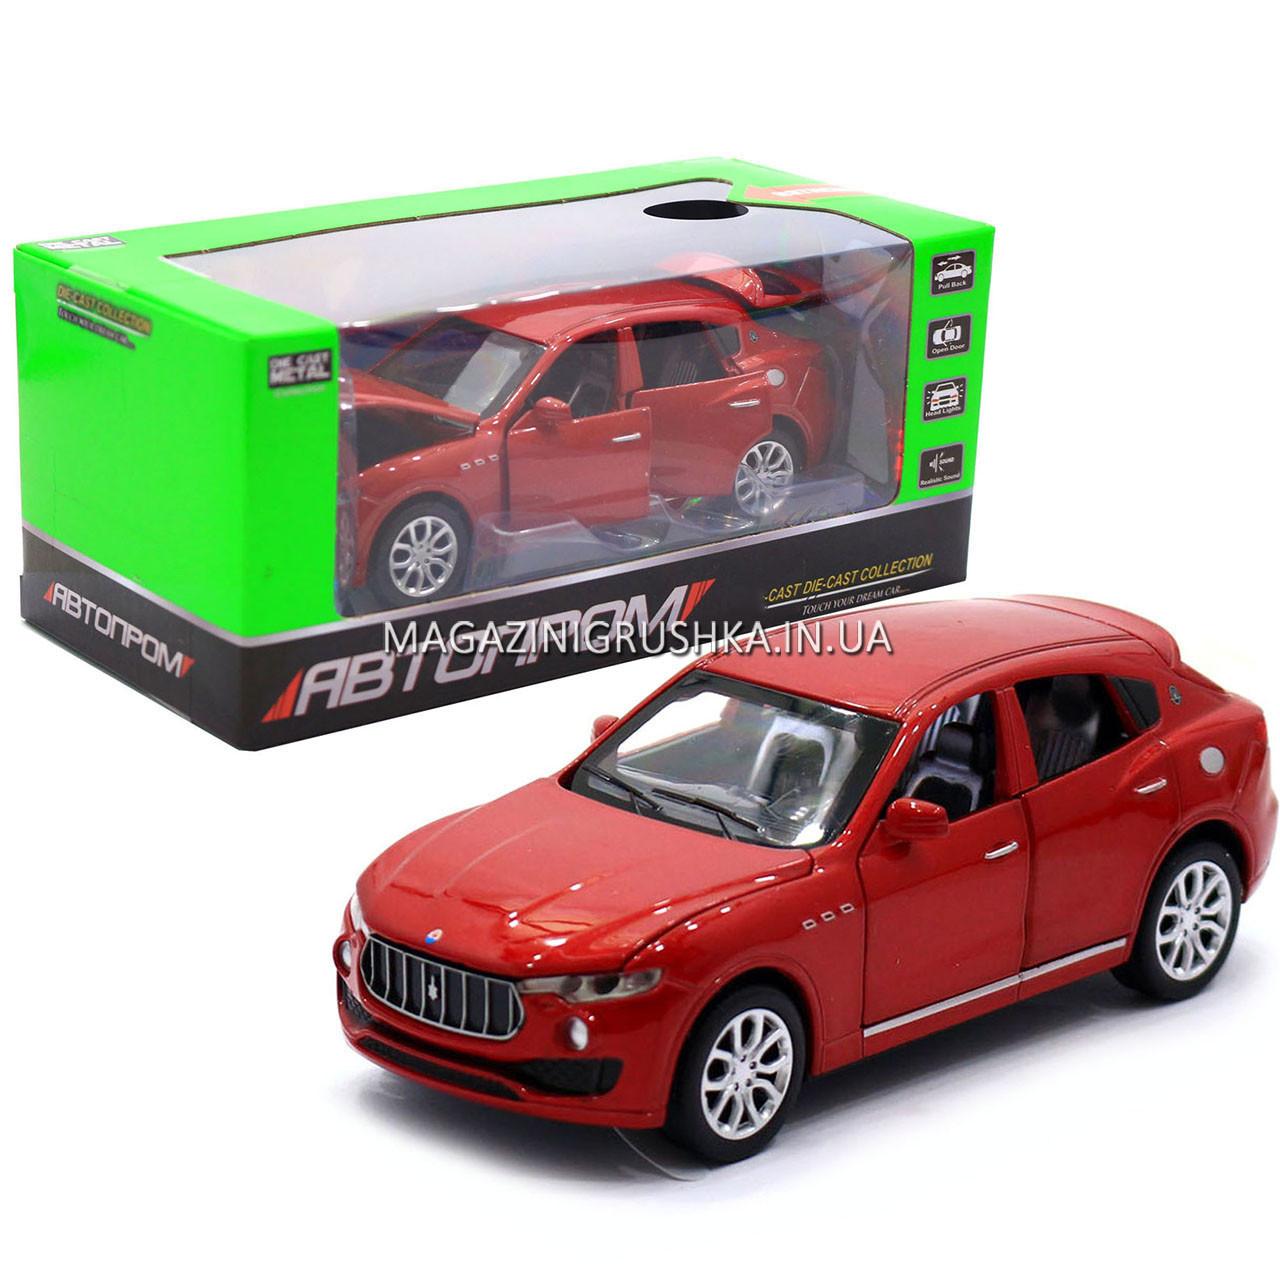 Машинка игровая автопром «Maserati levante», 14 см, свет, звук, двери открываются, красный (7641)